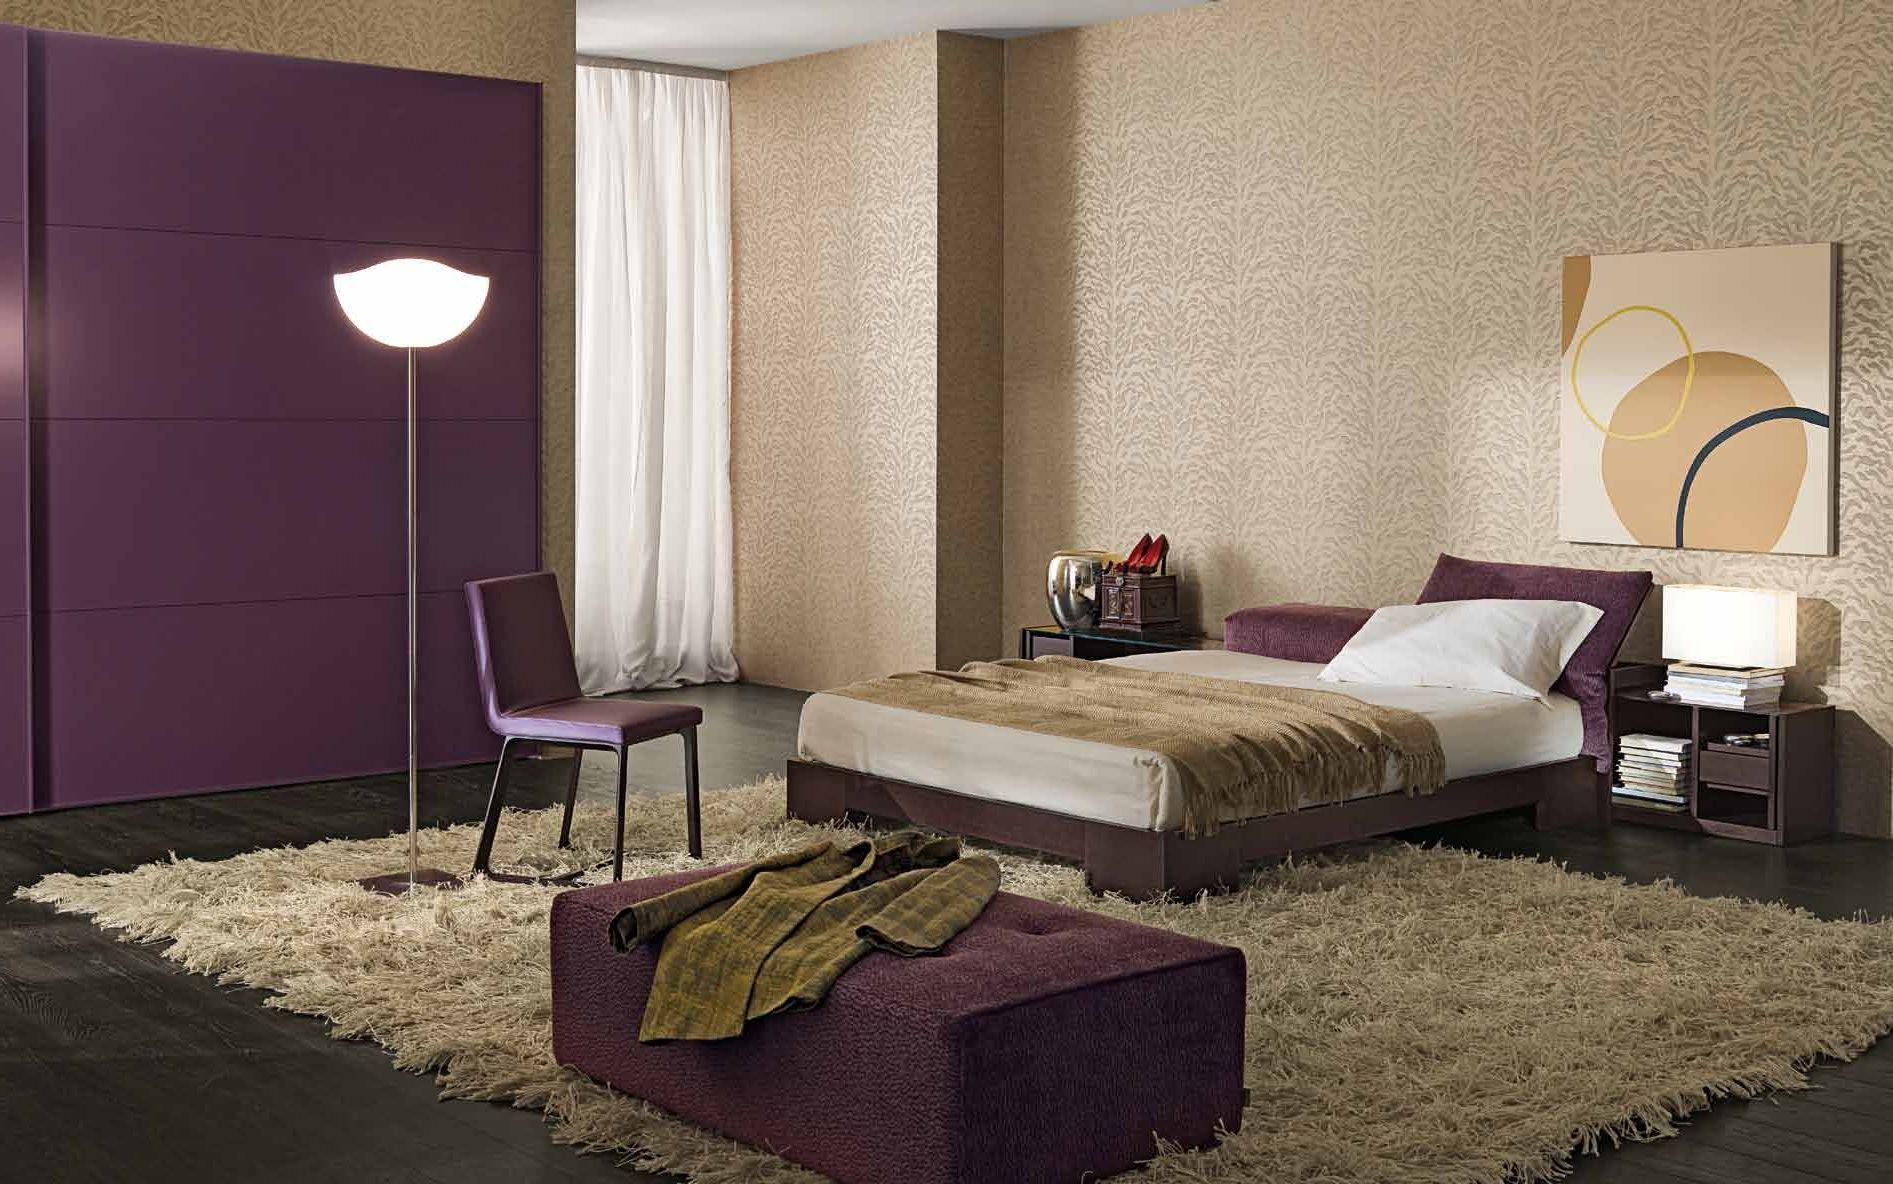 purple and cream bedroom for minimalist design ea sweet purple